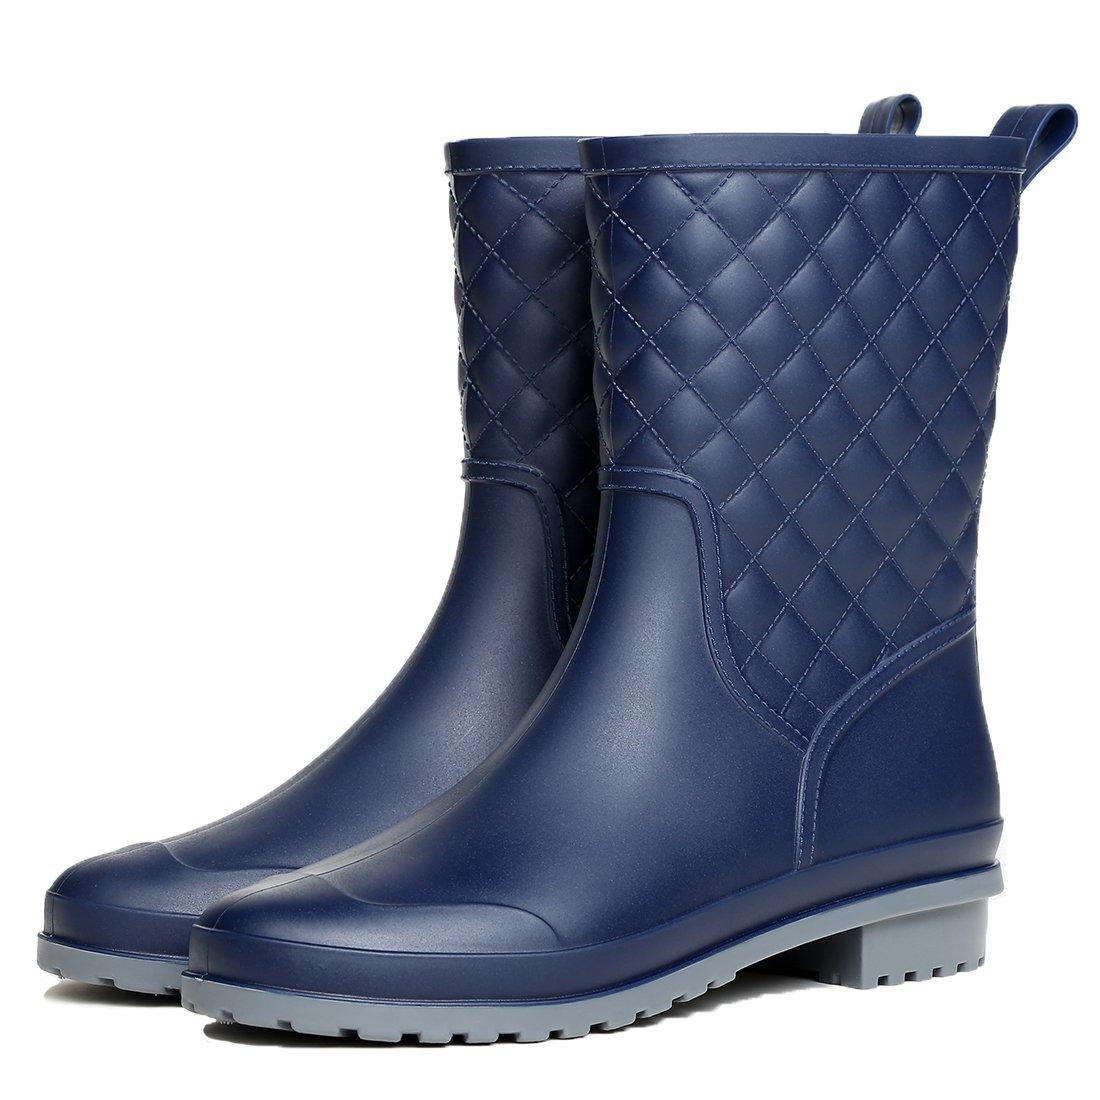 Litfun Womens Mid Calf Rain Boots Outdoor Garden Work Waterproof Boots Wide Calf Rain Shoes